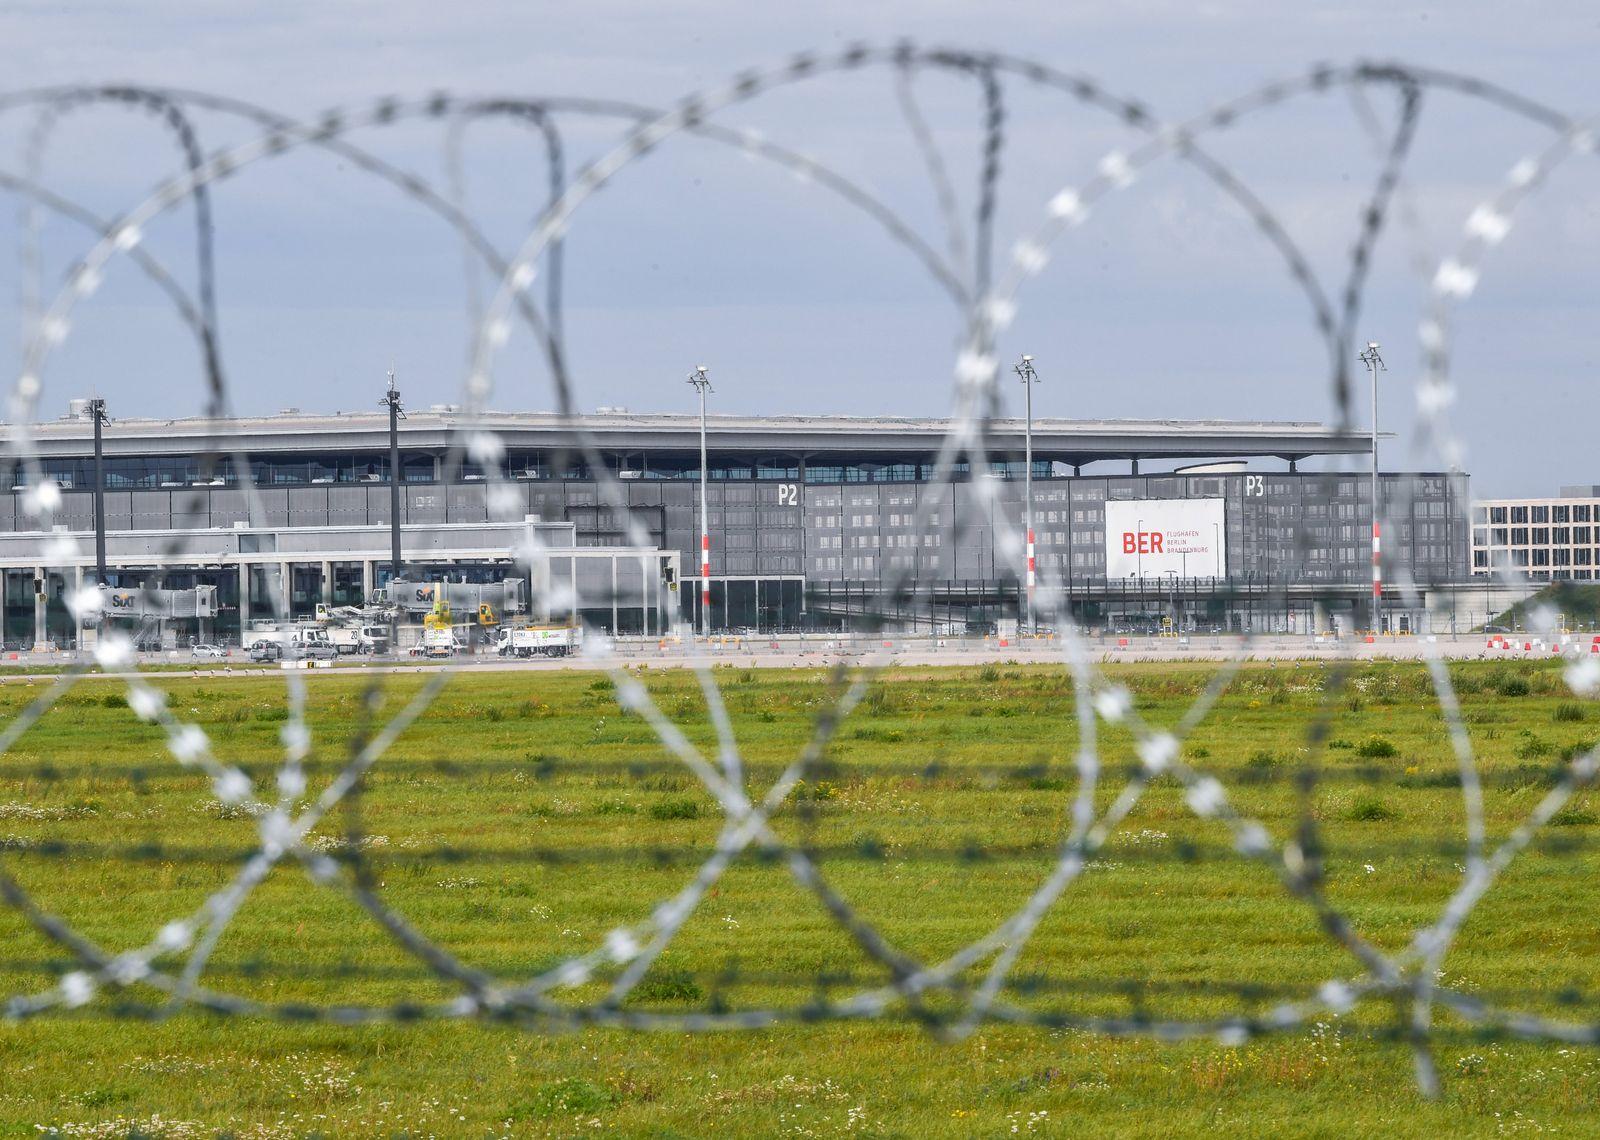 Hauptstadtflughafen BER - Sonderausschuss